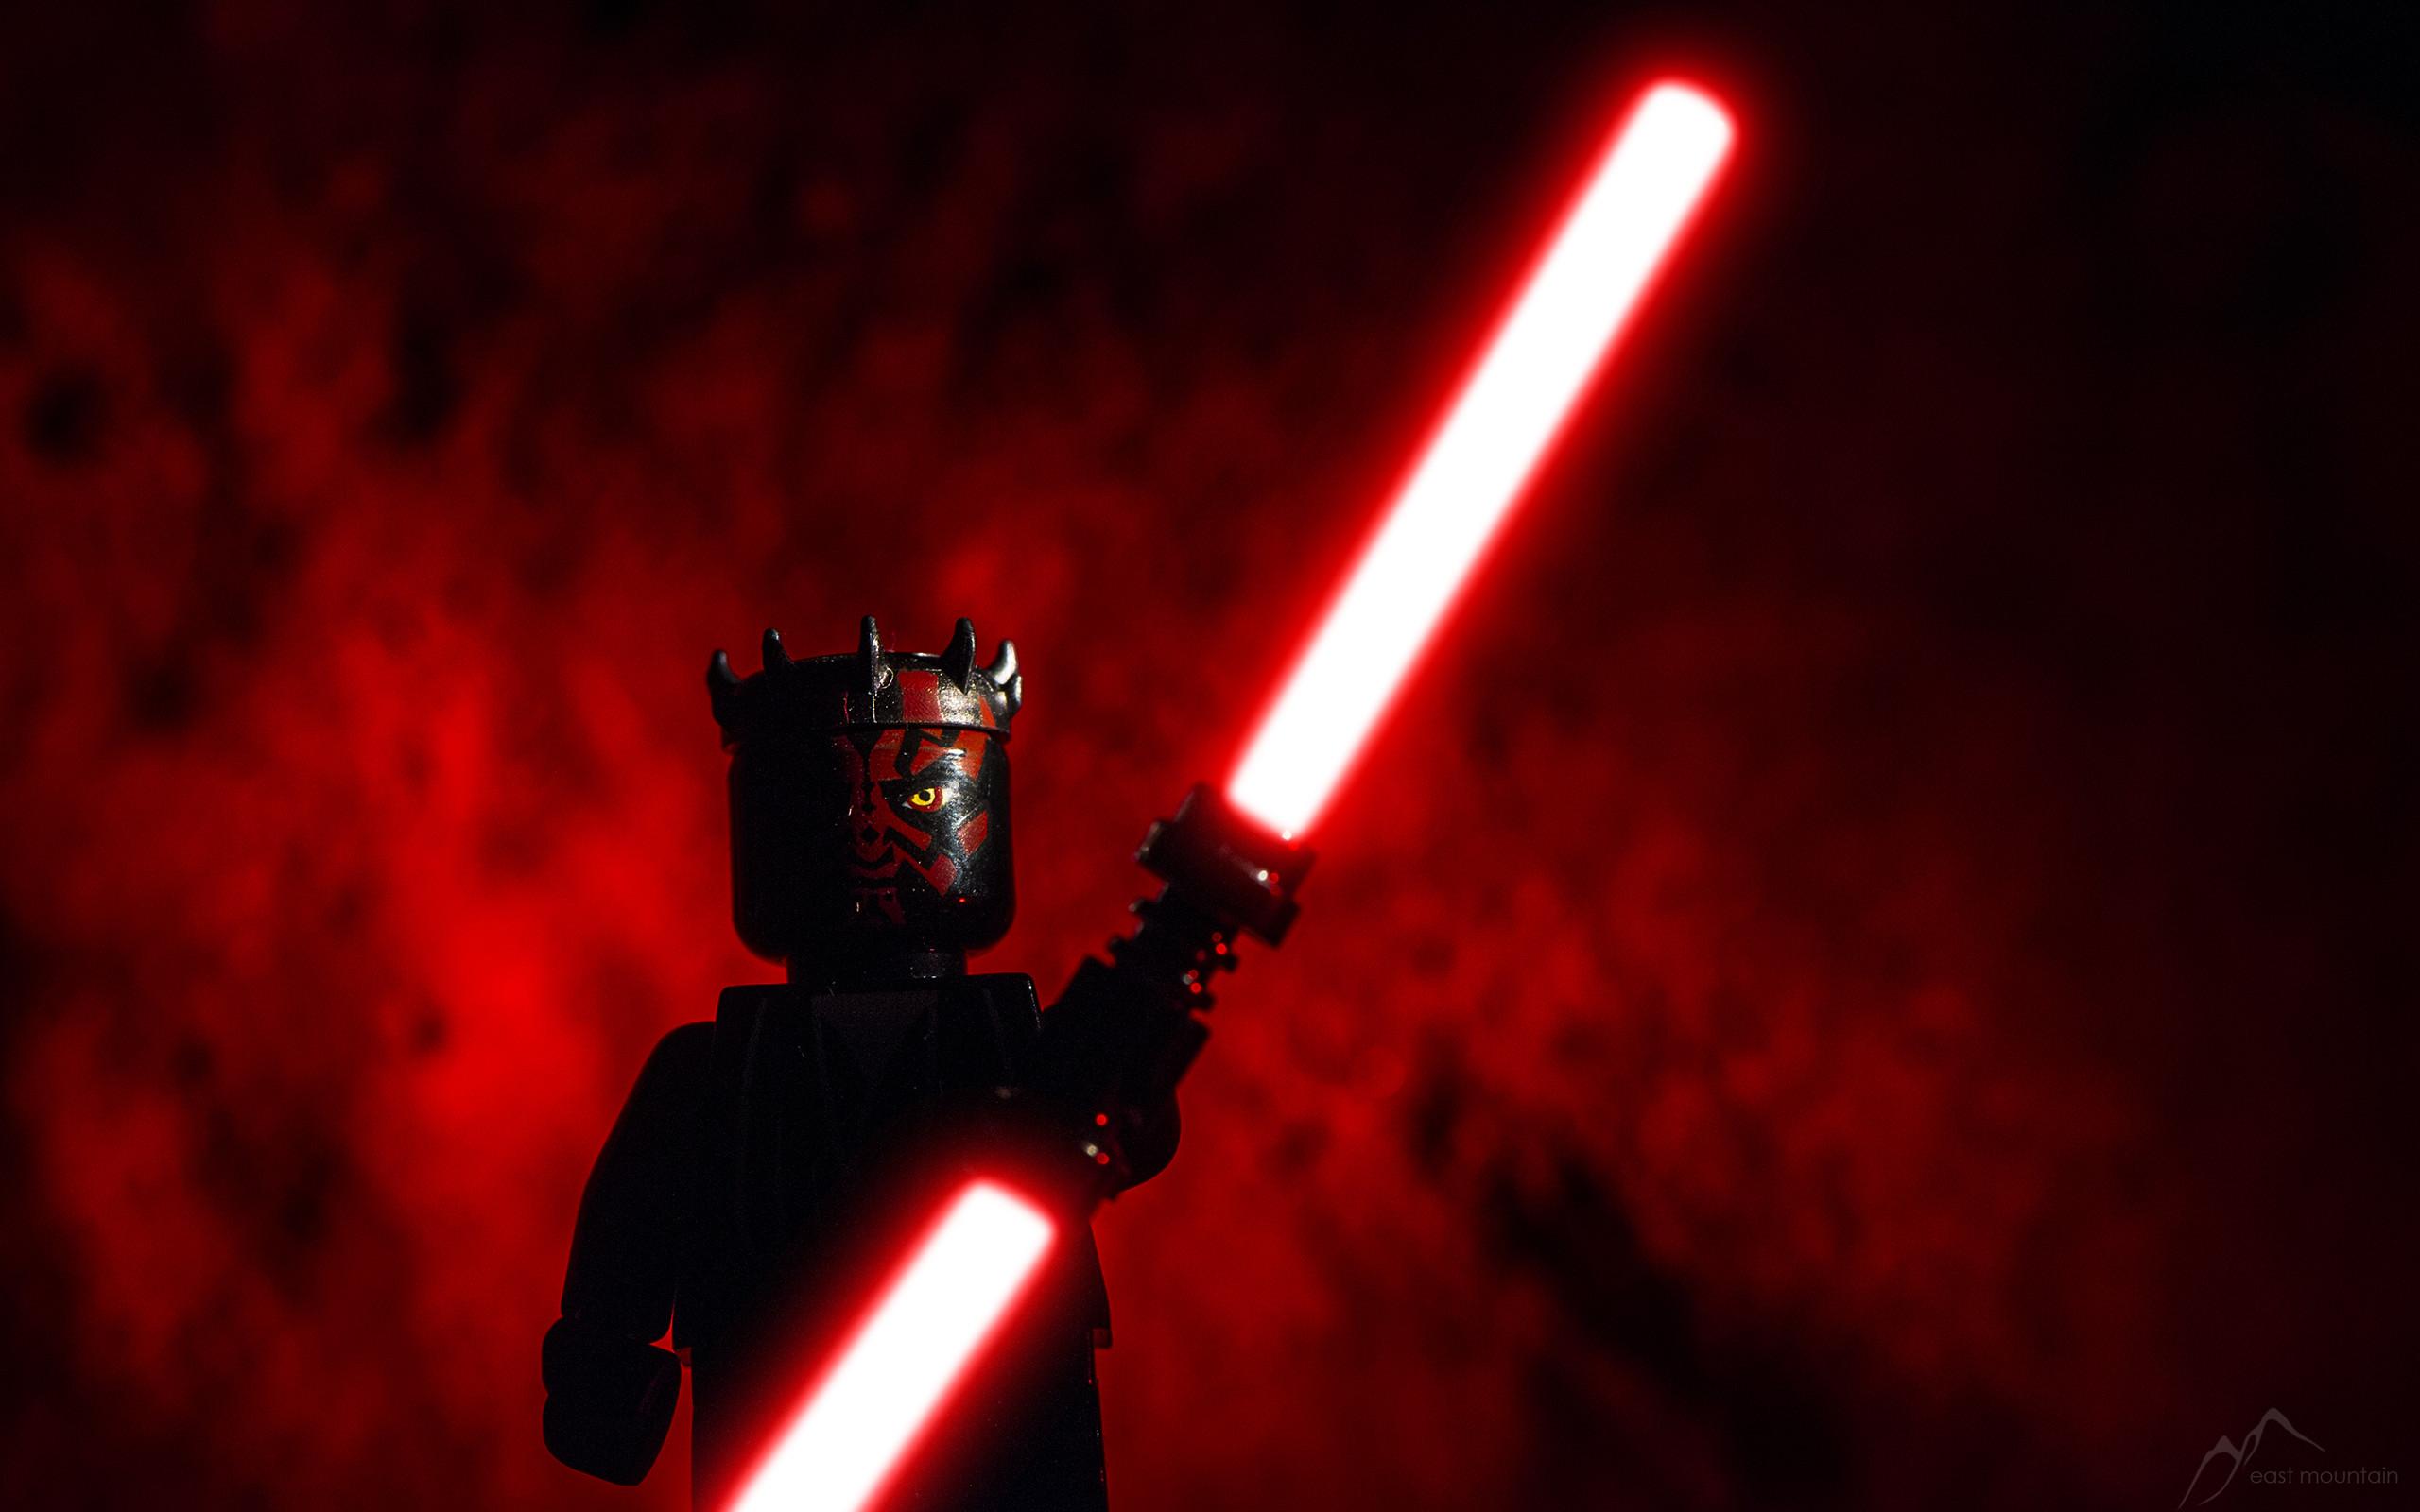 Desktop background darth maul lego lightsaber red star wars